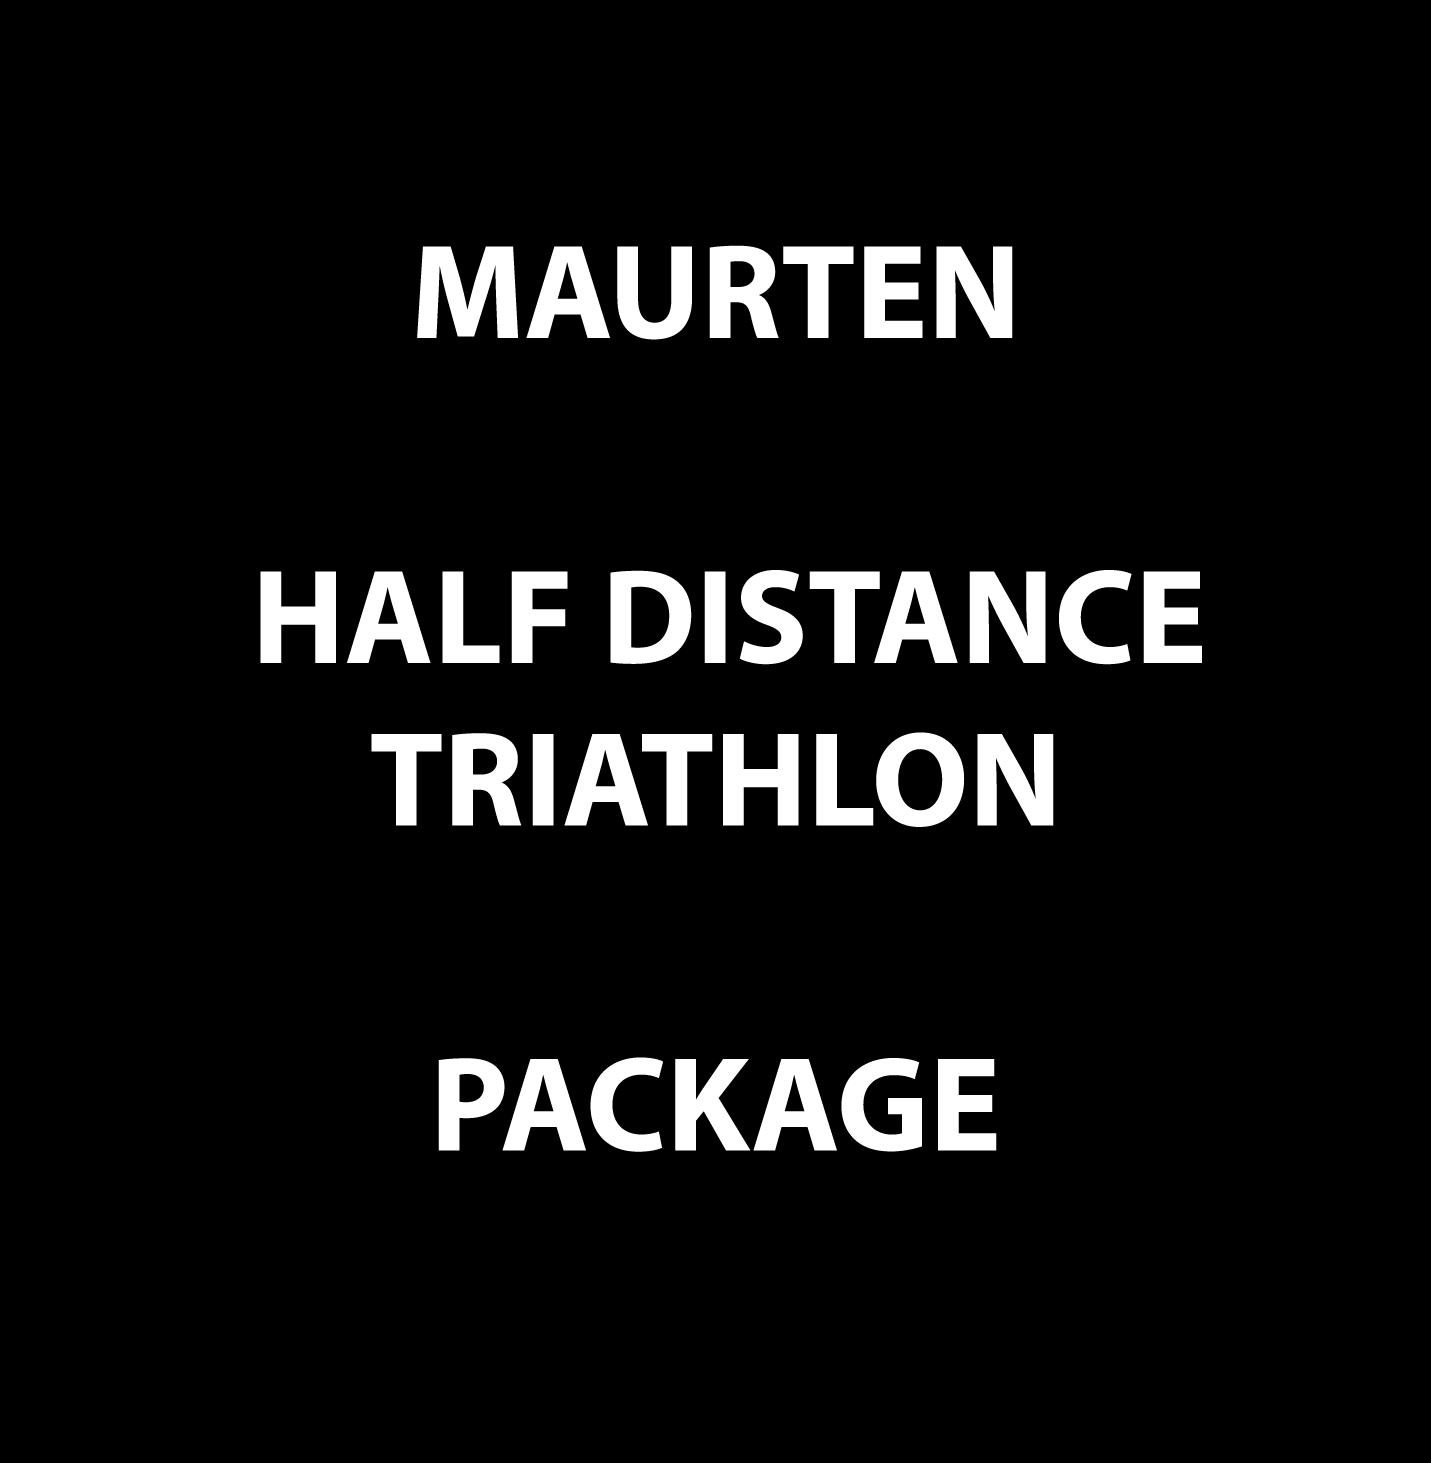 Media distancia triatlon preparar un como